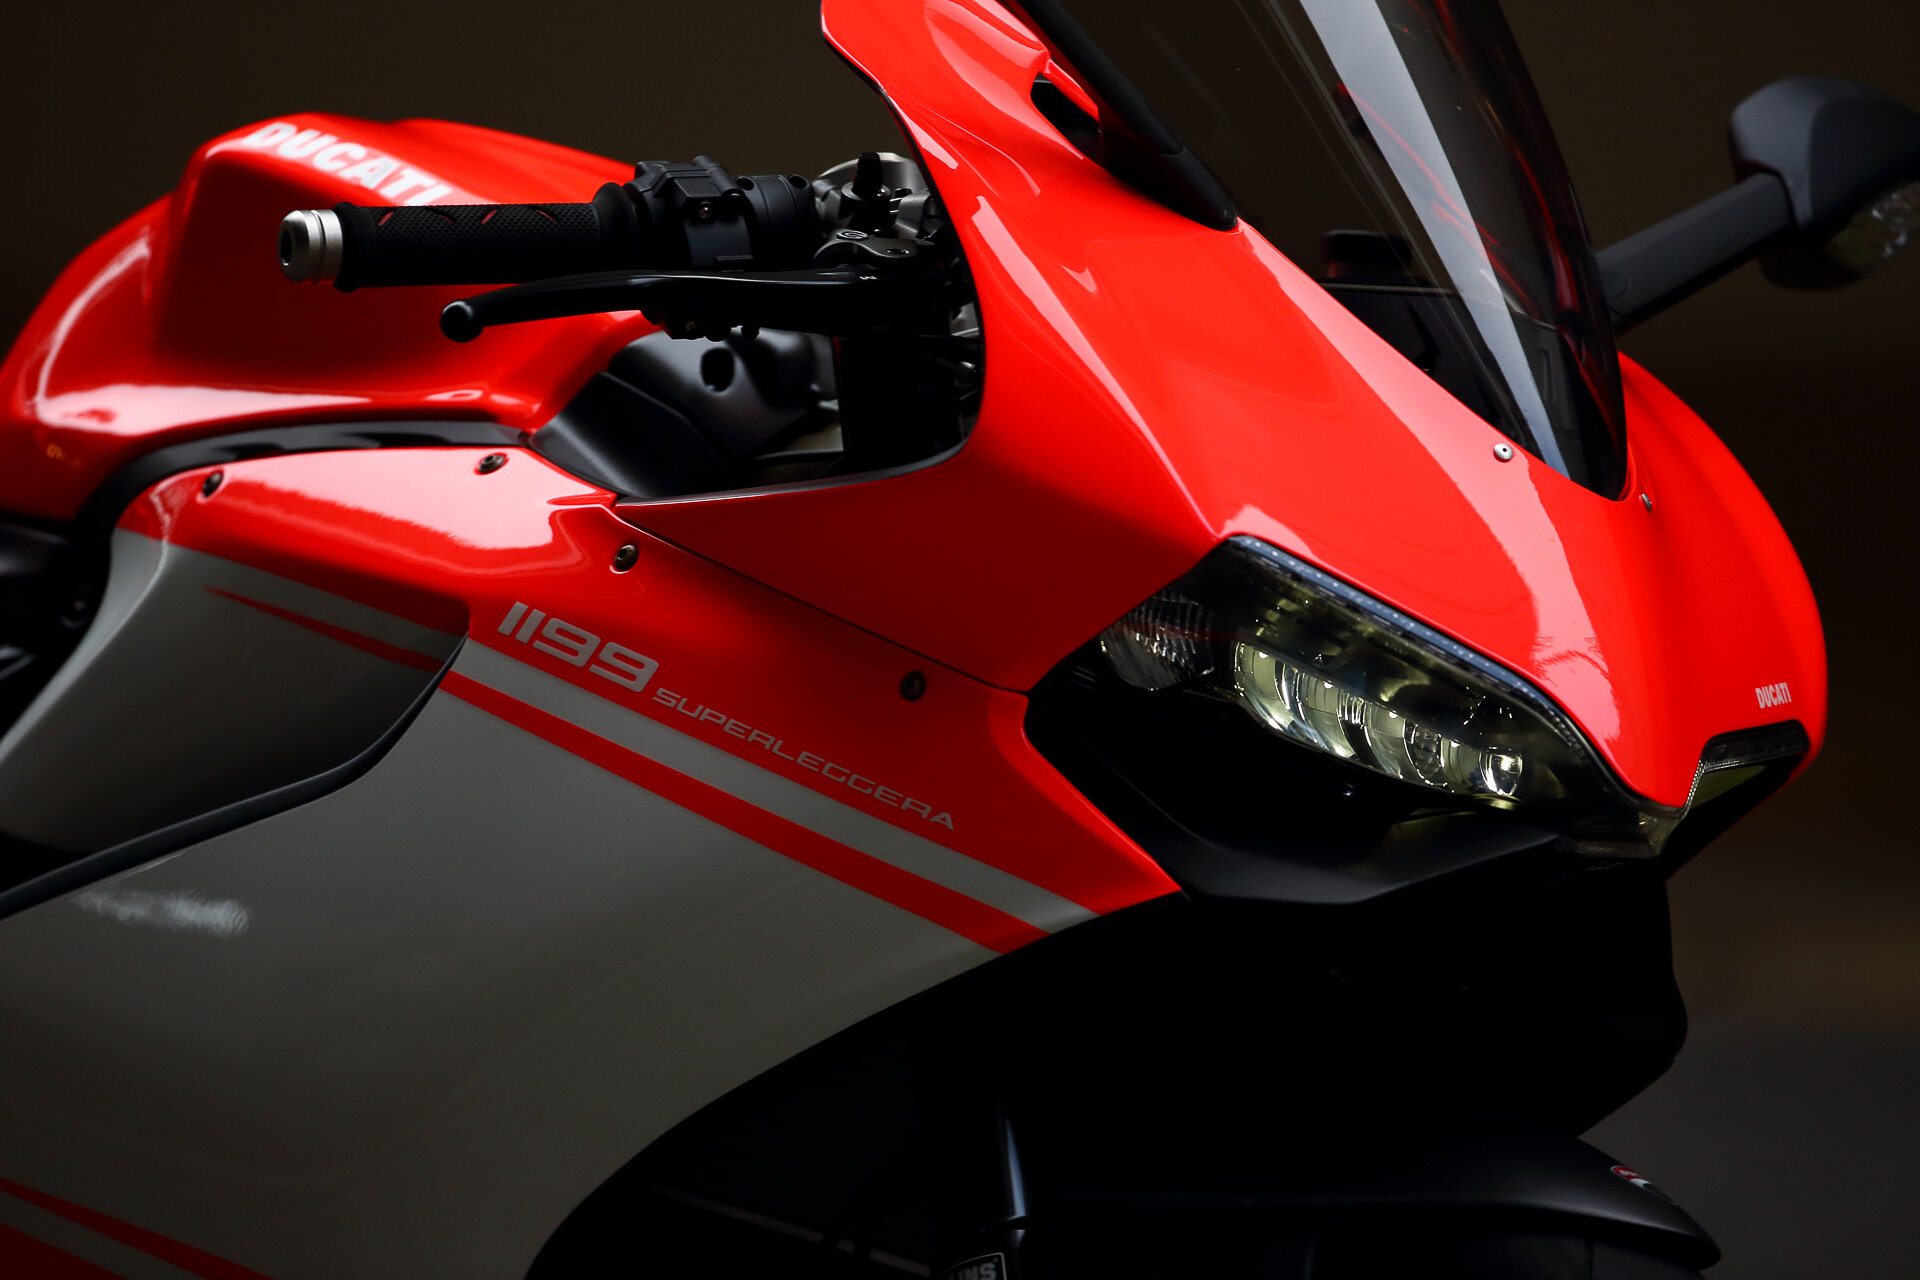 Ducati 1199 SL